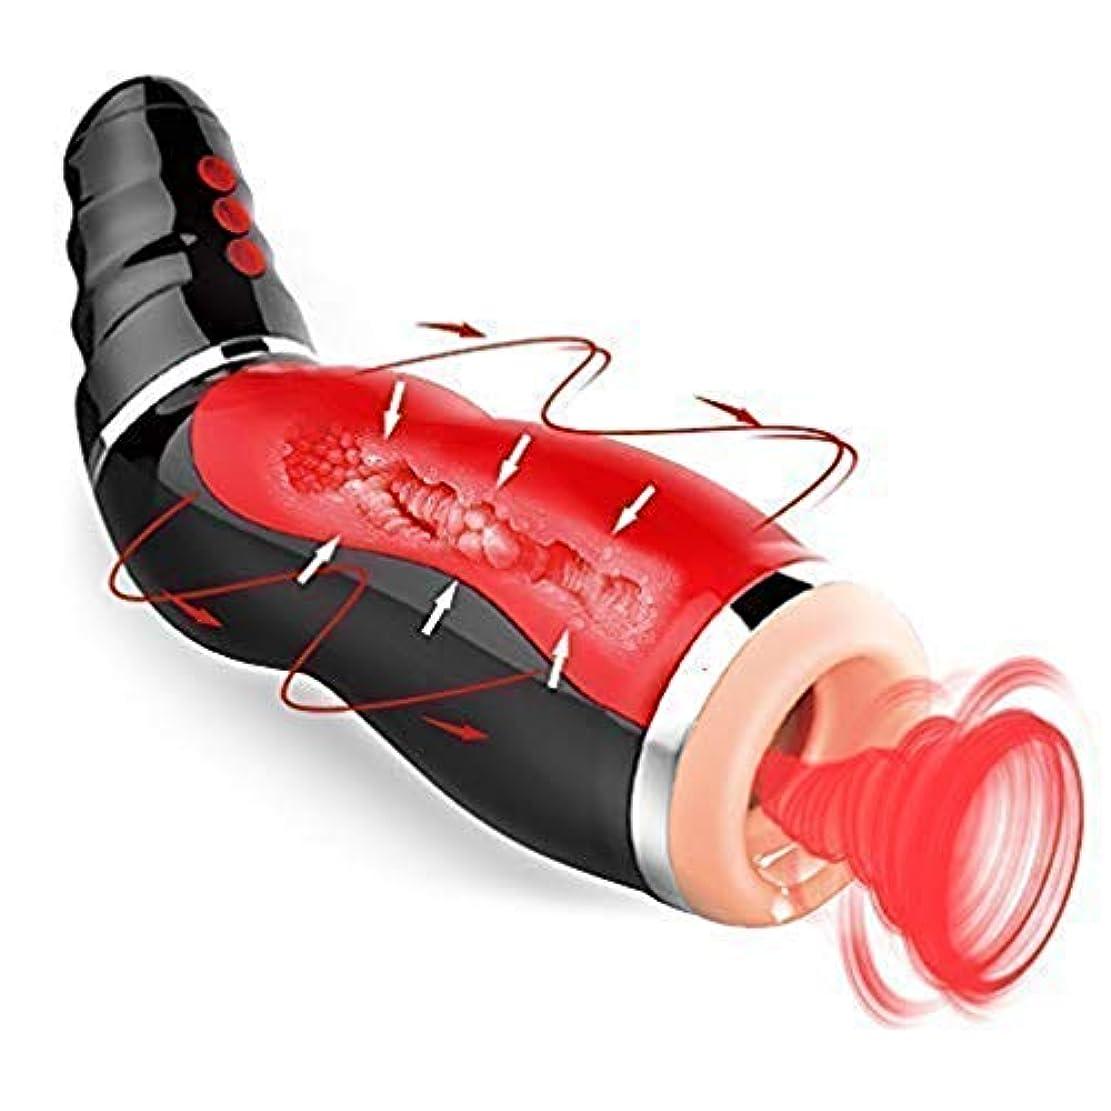 免除成功する可動式Woouu 男性リラックス180度回転ハンズフリーカップ10回転10伸縮式マスターバスカップ全自動吸盤